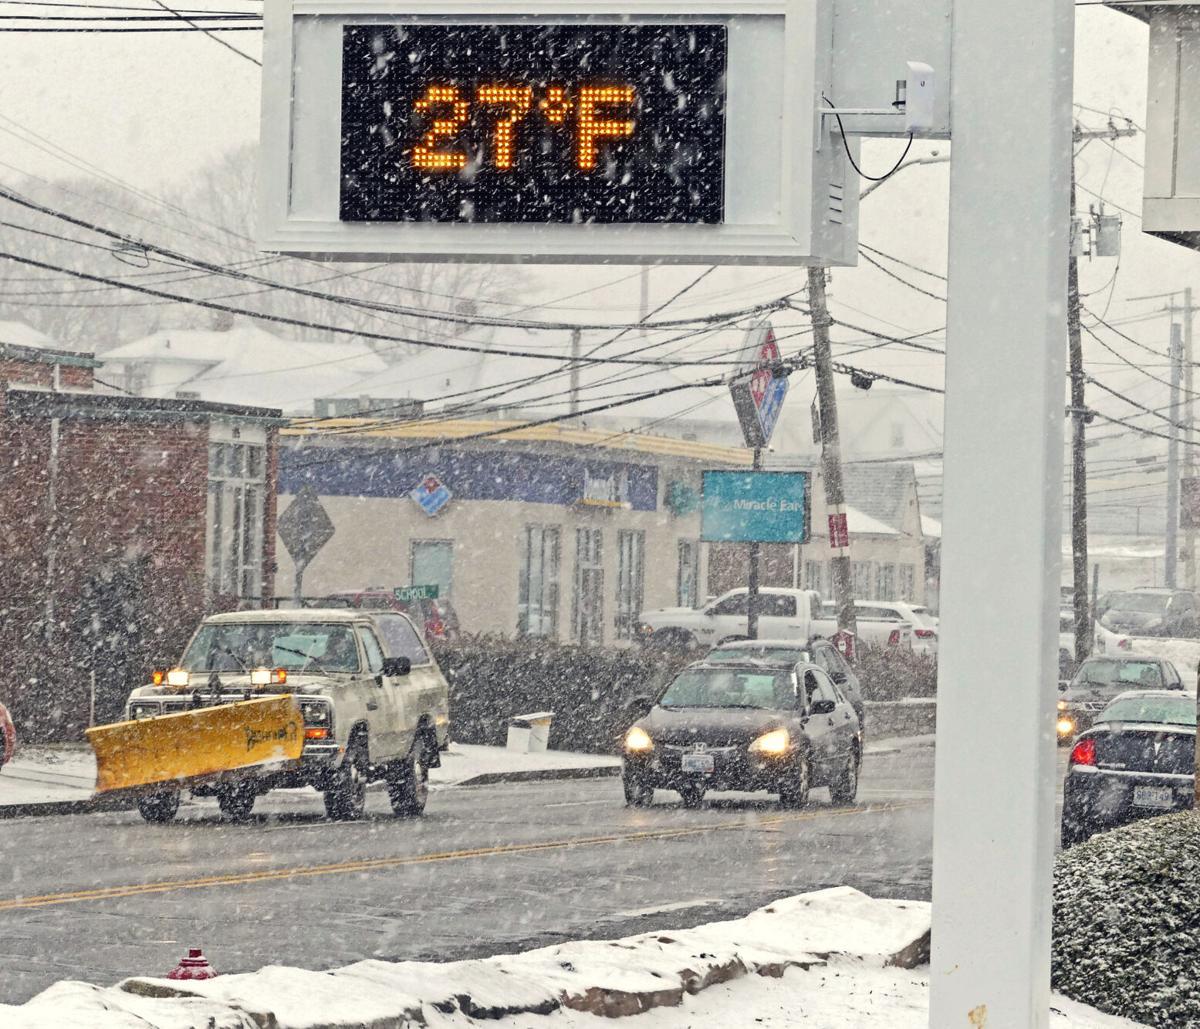 021821 WES Granite Street in snow hh 30499.JPG